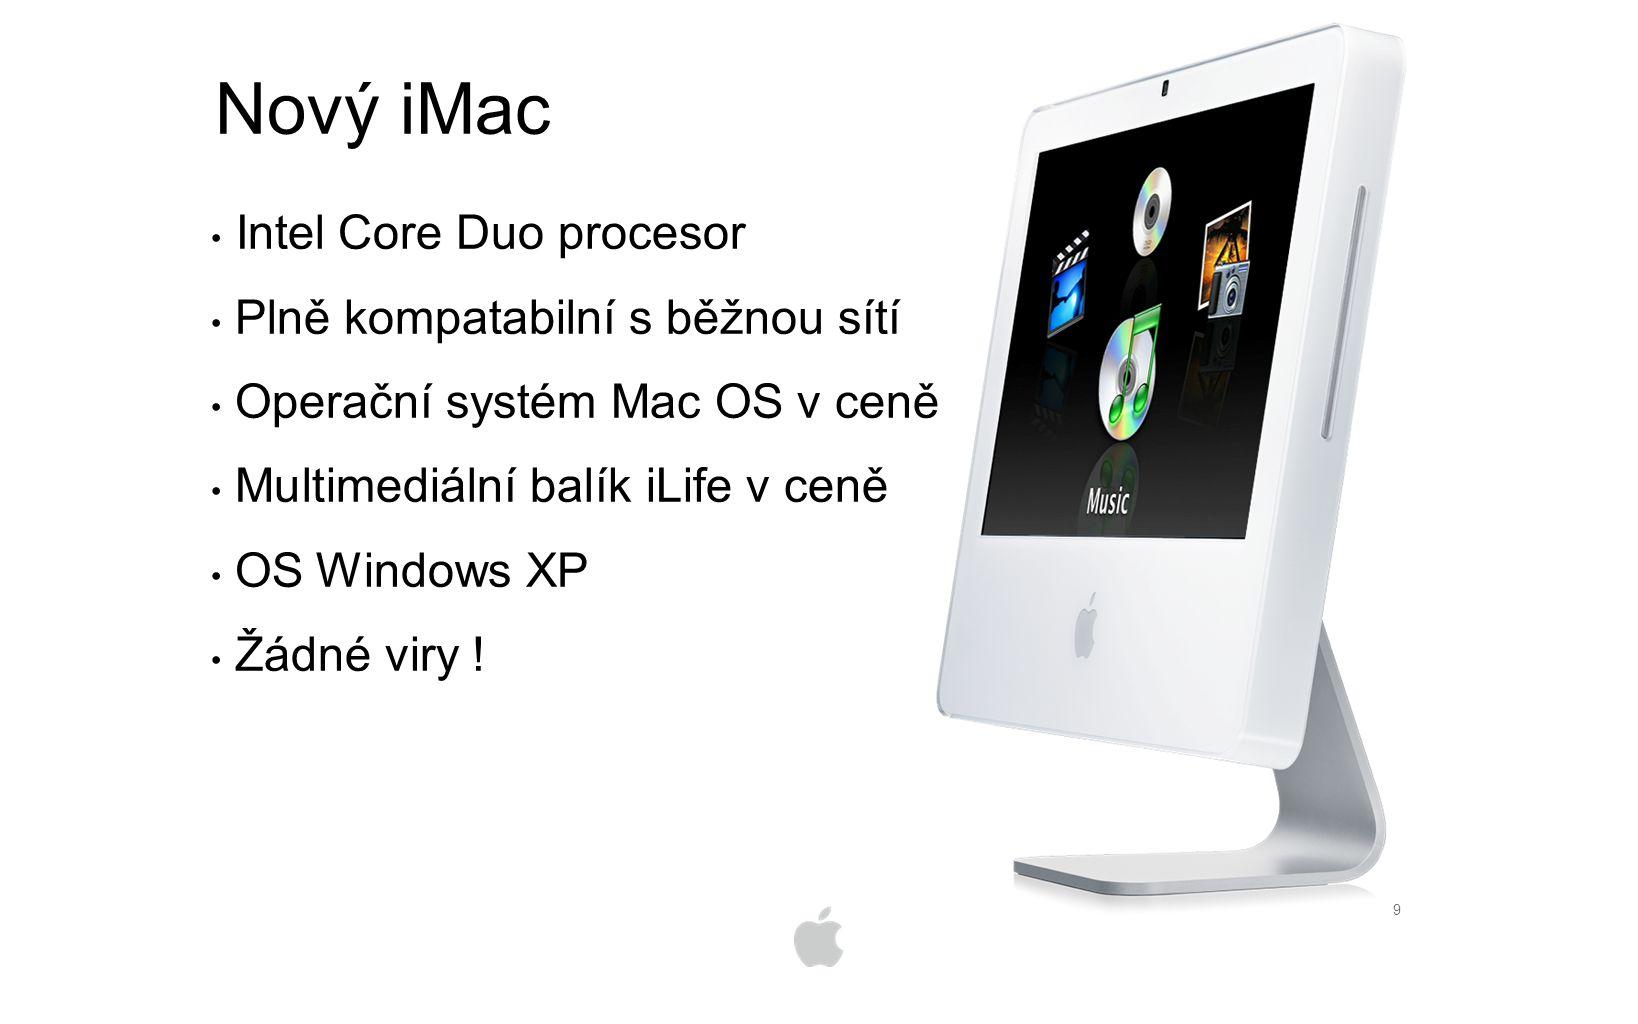 9 Nový iMac Intel Core Duo procesor Plně kompatabilní s běžnou sítí Operační systém Mac OS v ceně Multimediální balík iLife v ceně OS Windows XP Žádné viry !